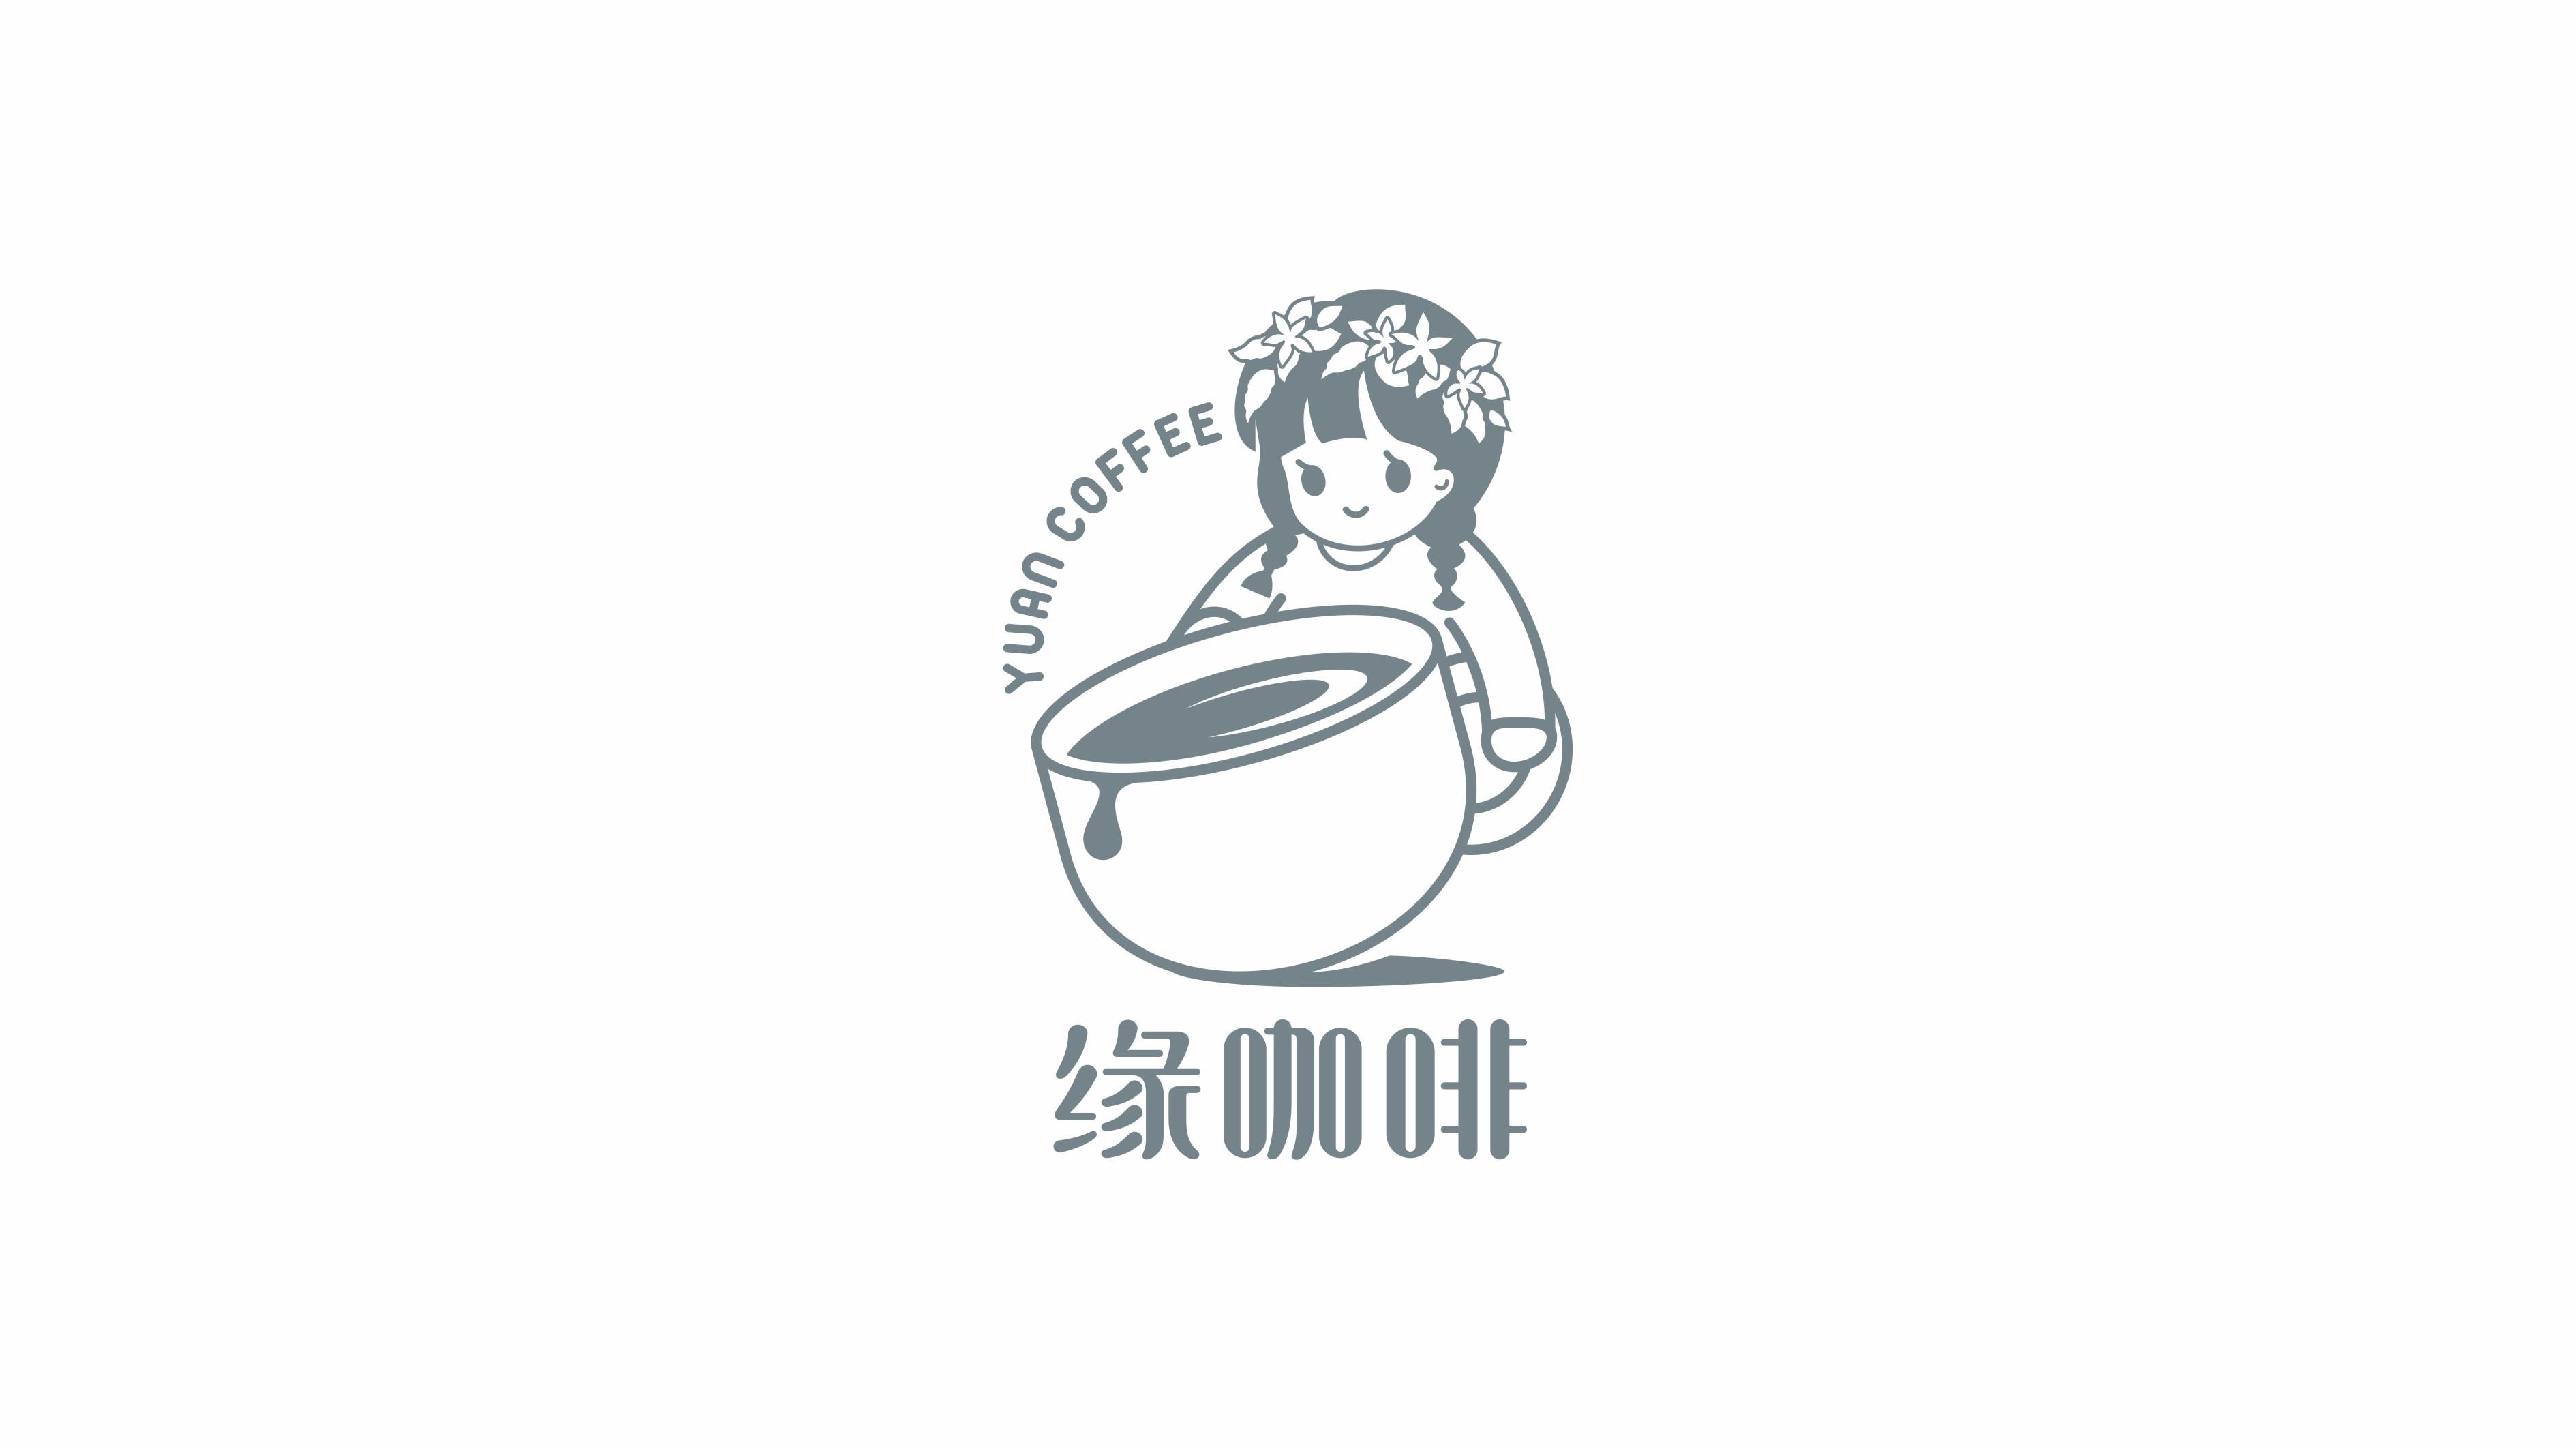 缘咖啡LOGO设计